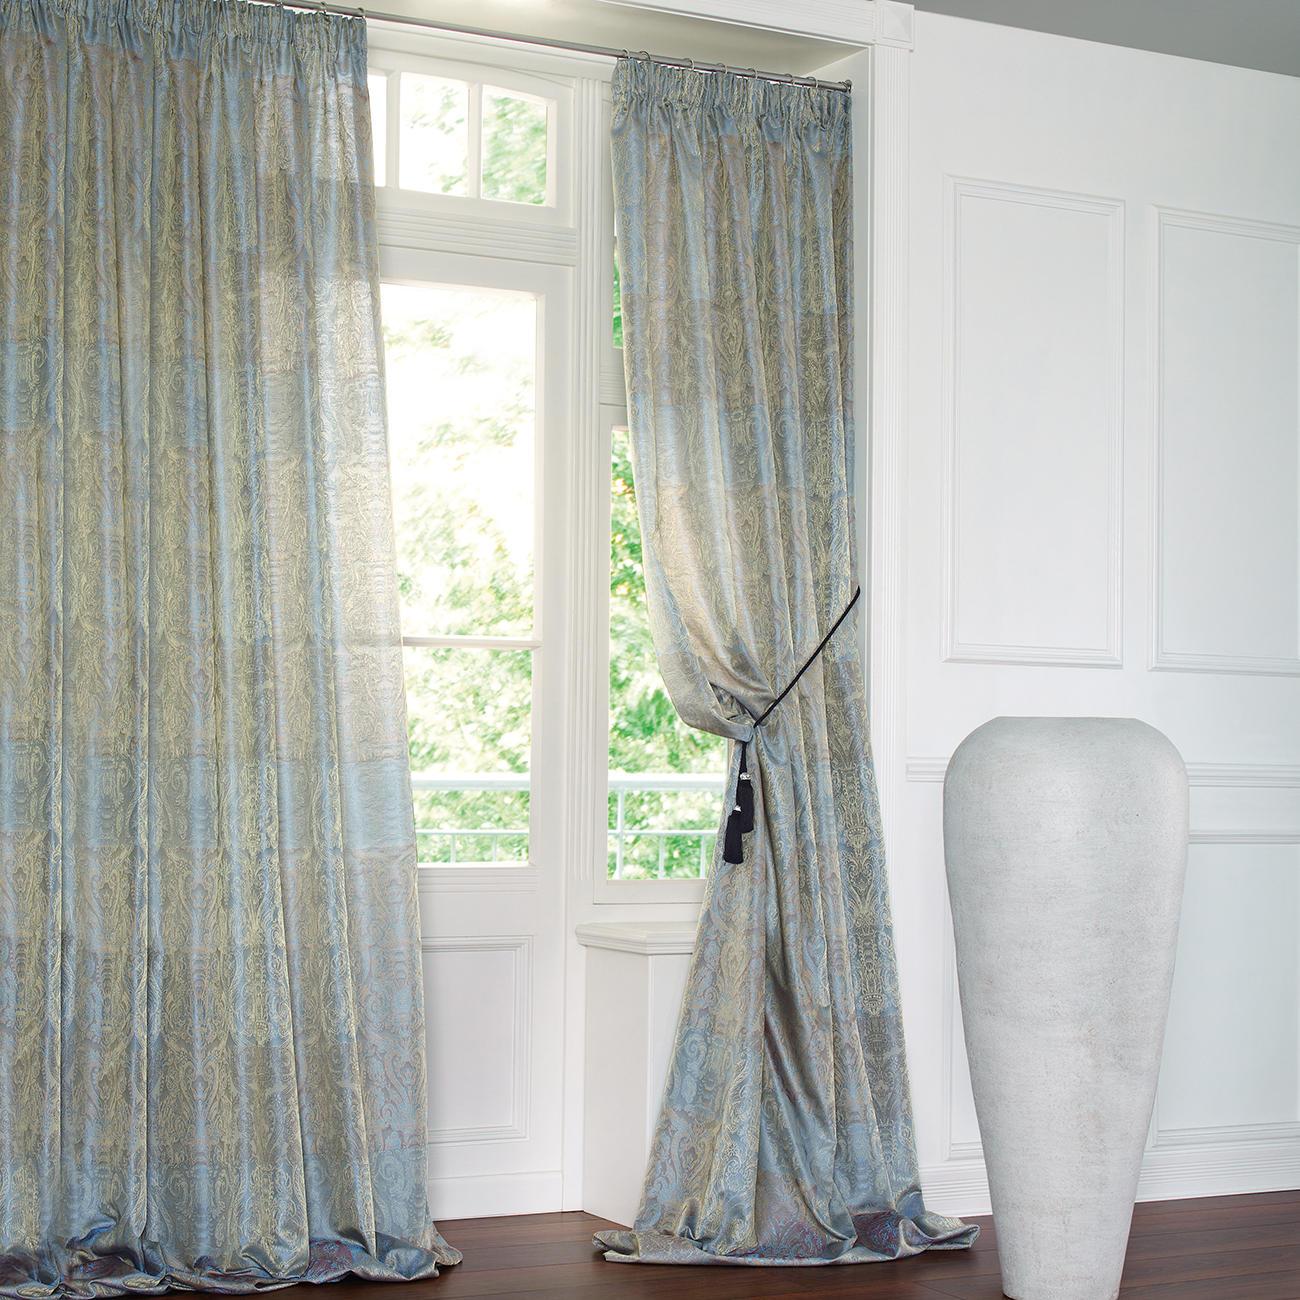 vorhang chalet 1 st ck vorh nge kaufen das kavaliershaus. Black Bedroom Furniture Sets. Home Design Ideas